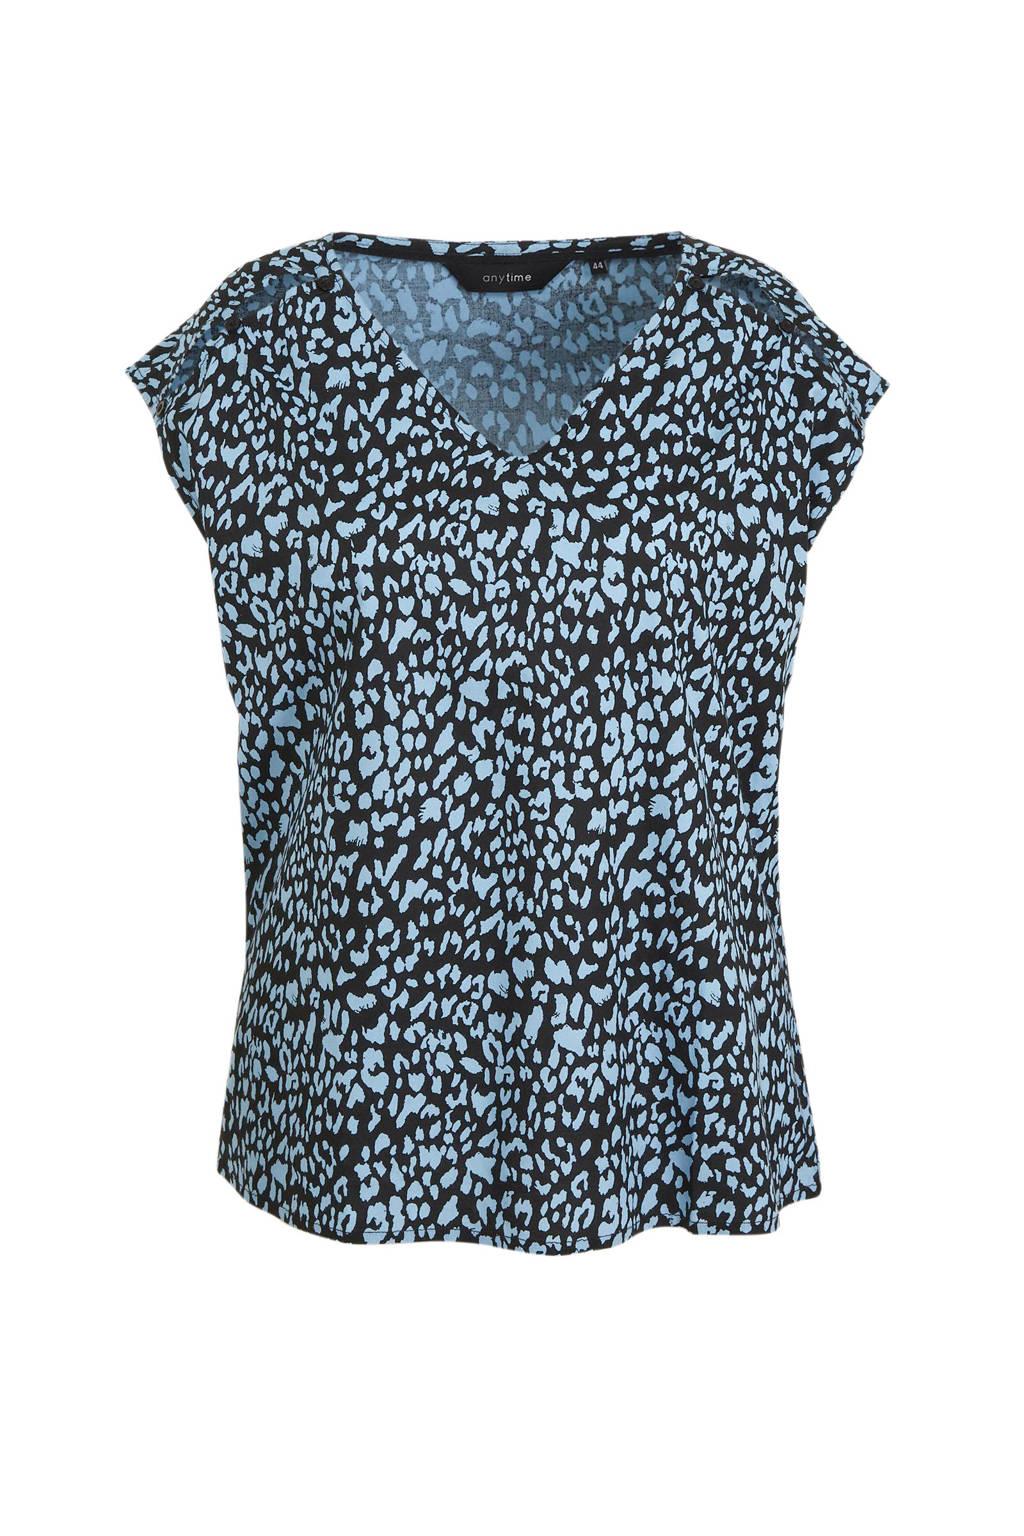 anytime geweven top Plus size met panterprint zwart, Zwart/blauw